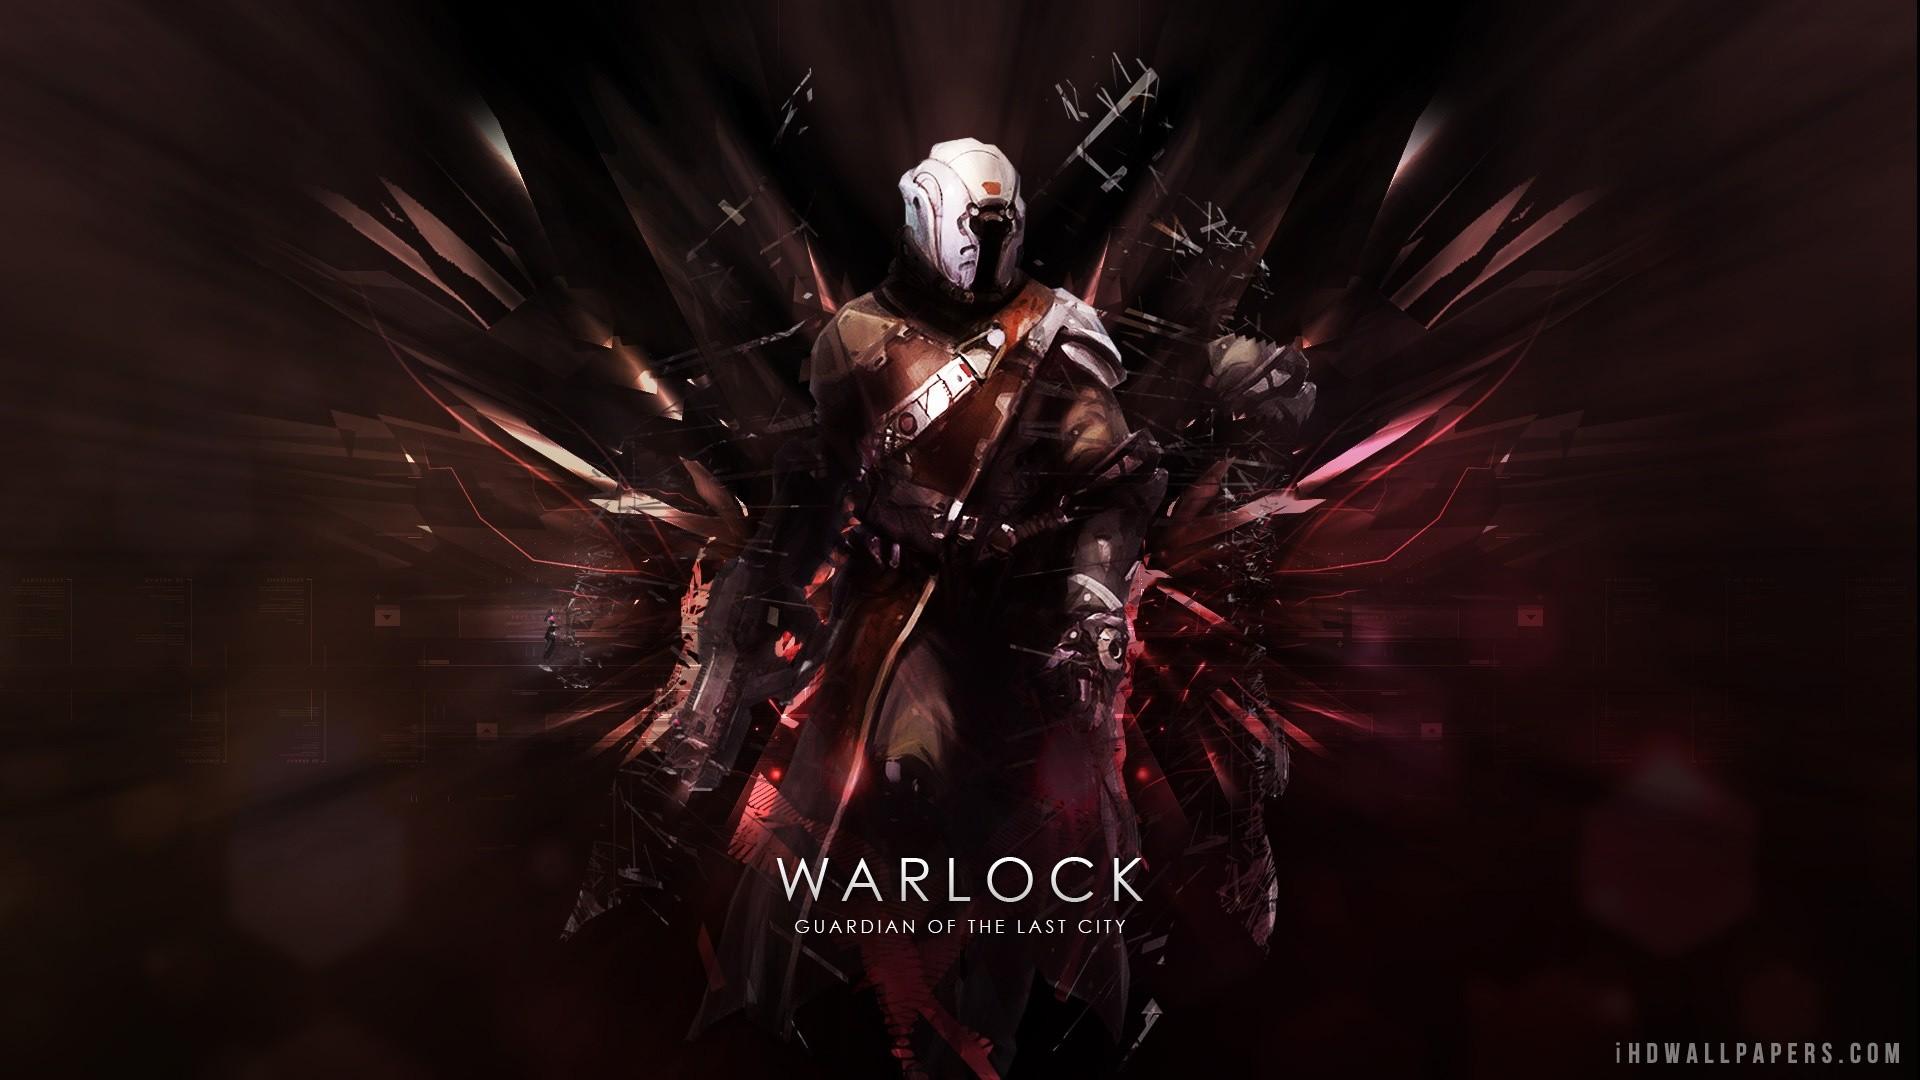 Destiny The Taken King Warlock Wallpapers HD Wallpapers Destiny Wallpaper  Hd Wallpapers)